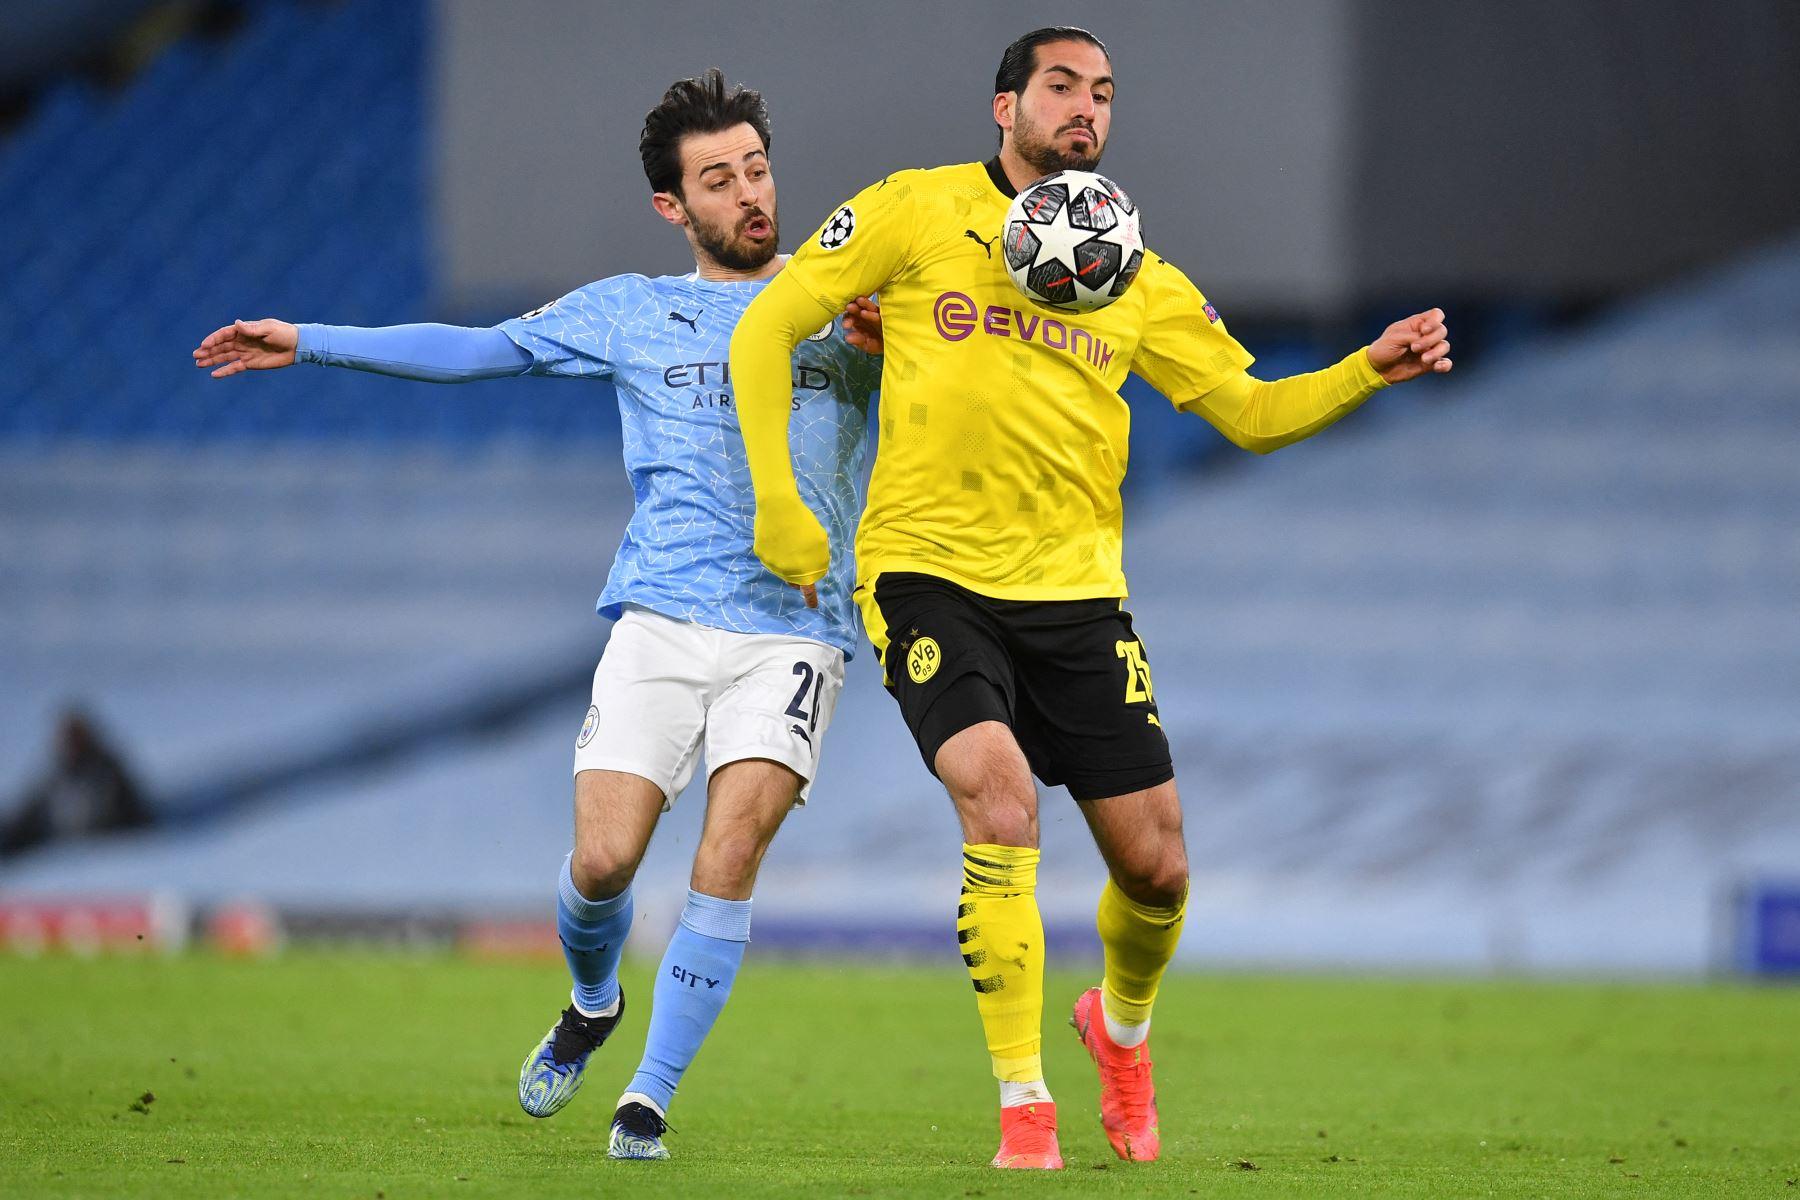 El centrocampista portugués del Manchester City, Bernardo Silva, compite con el mediocampista alemán del Dortmund, Emre Can, durante el partido de ida de cuartos de final de la Liga de Campeones de la UEFA. Foto: AFP